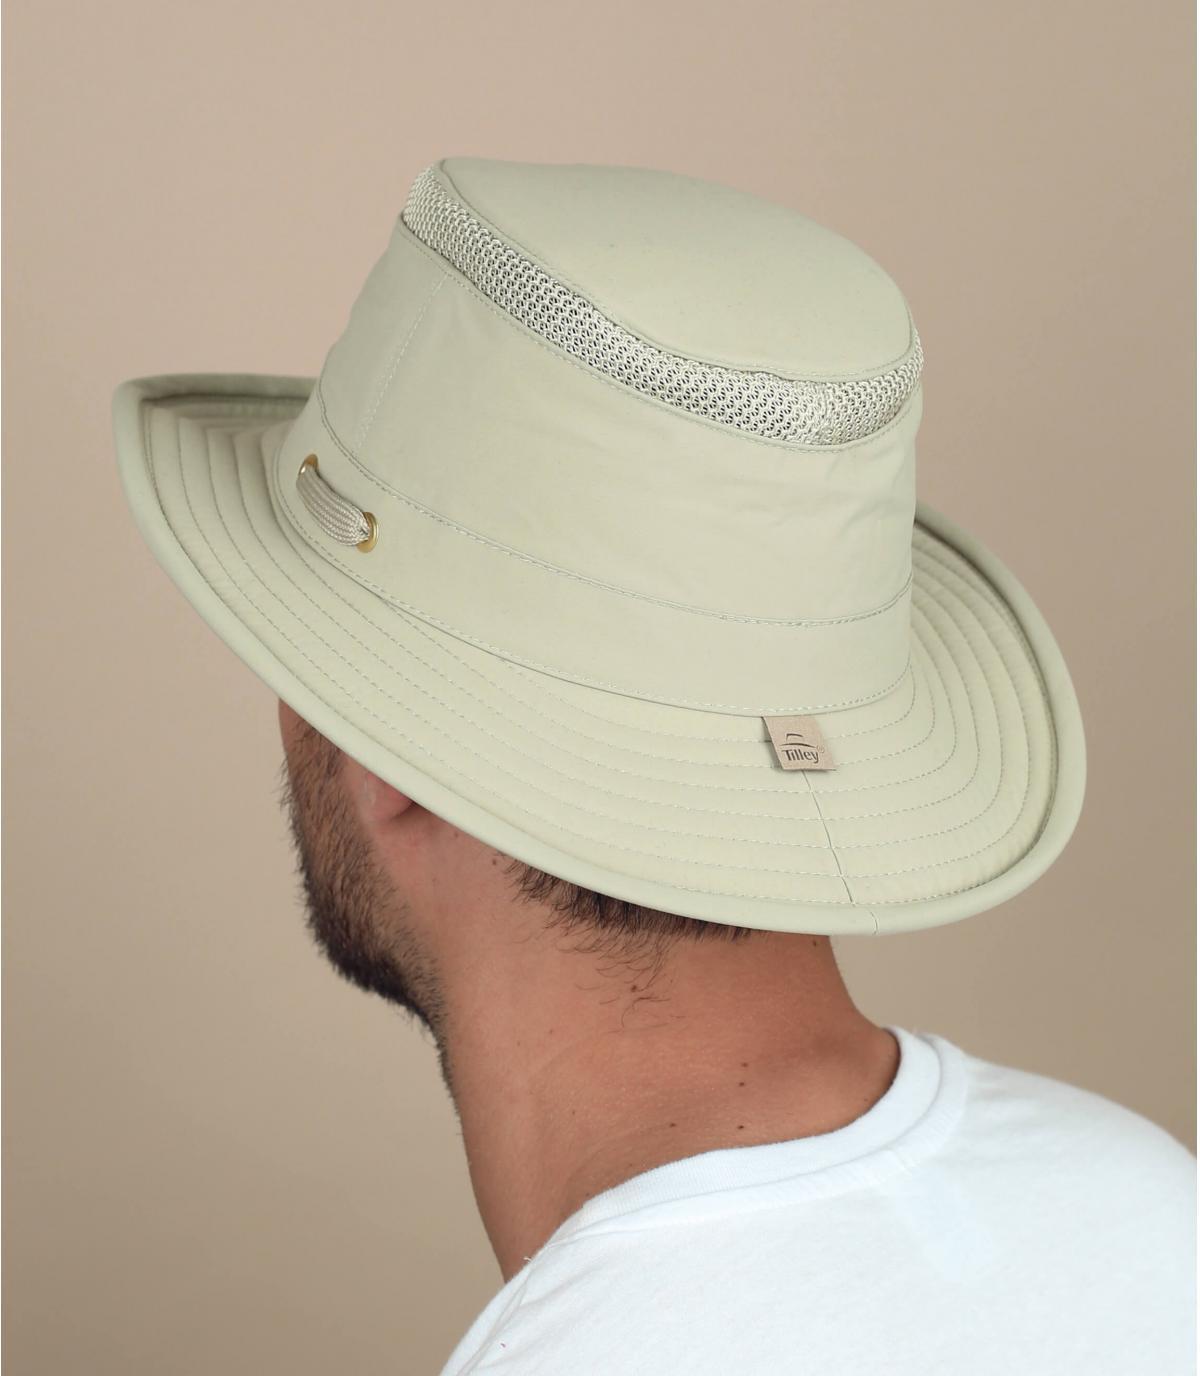 TilleyLTM5 breathable hat